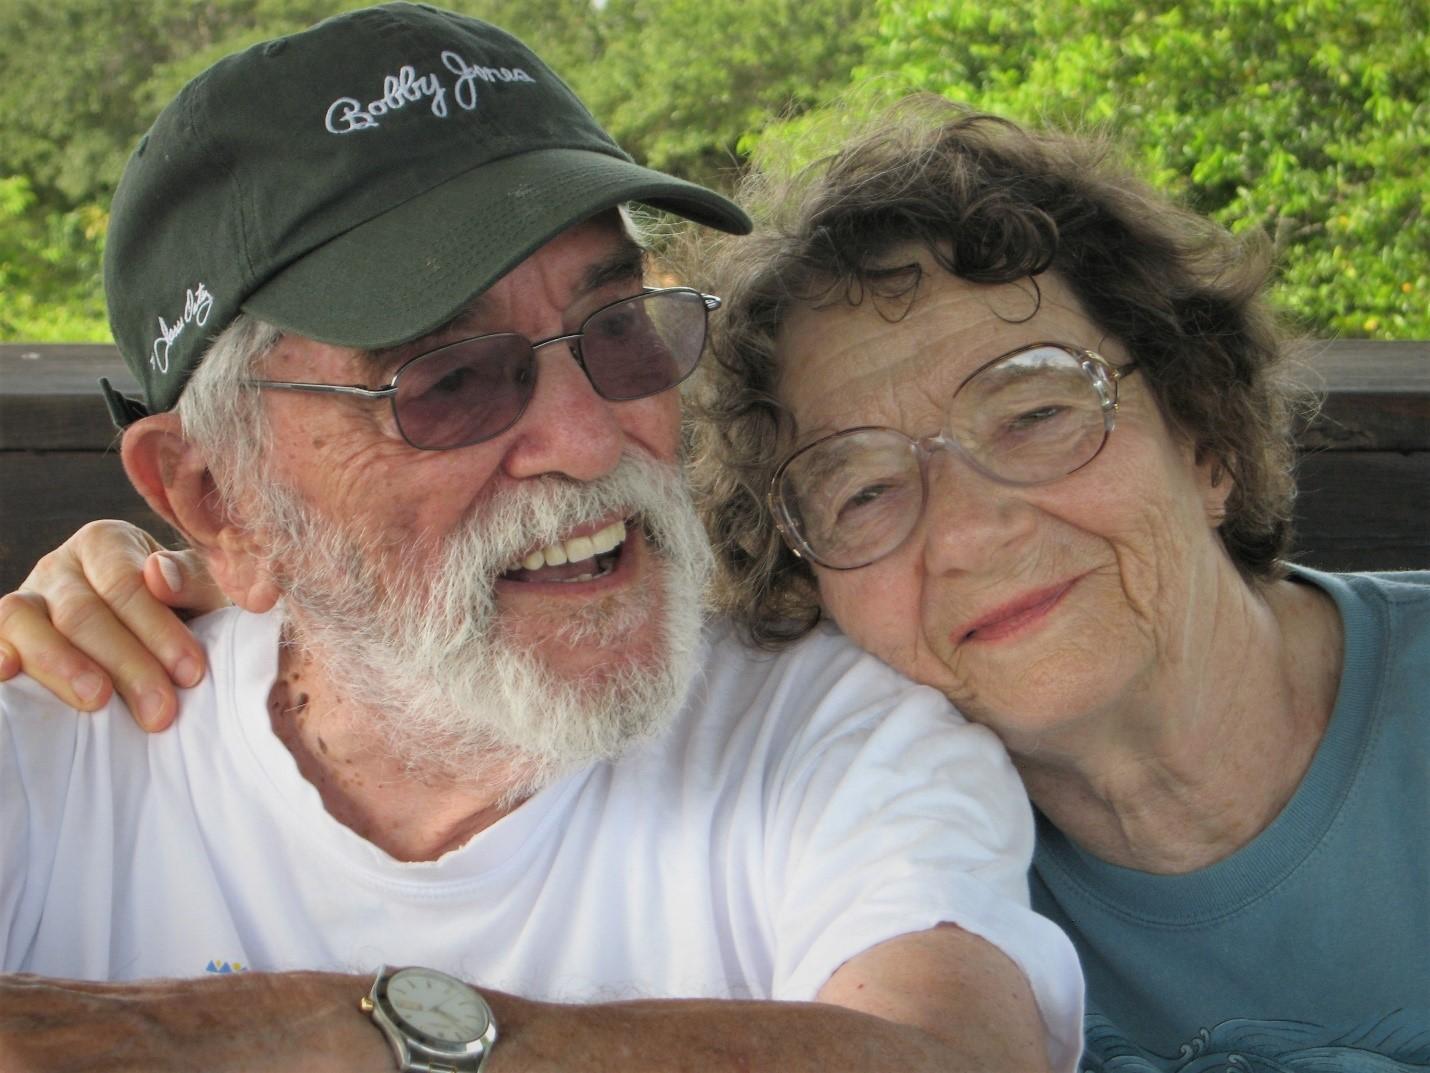 סאל ופט מנוחין, בוקה רטון, פלורידה. צילם יואל אליצור, 6 ביוני, 2012.